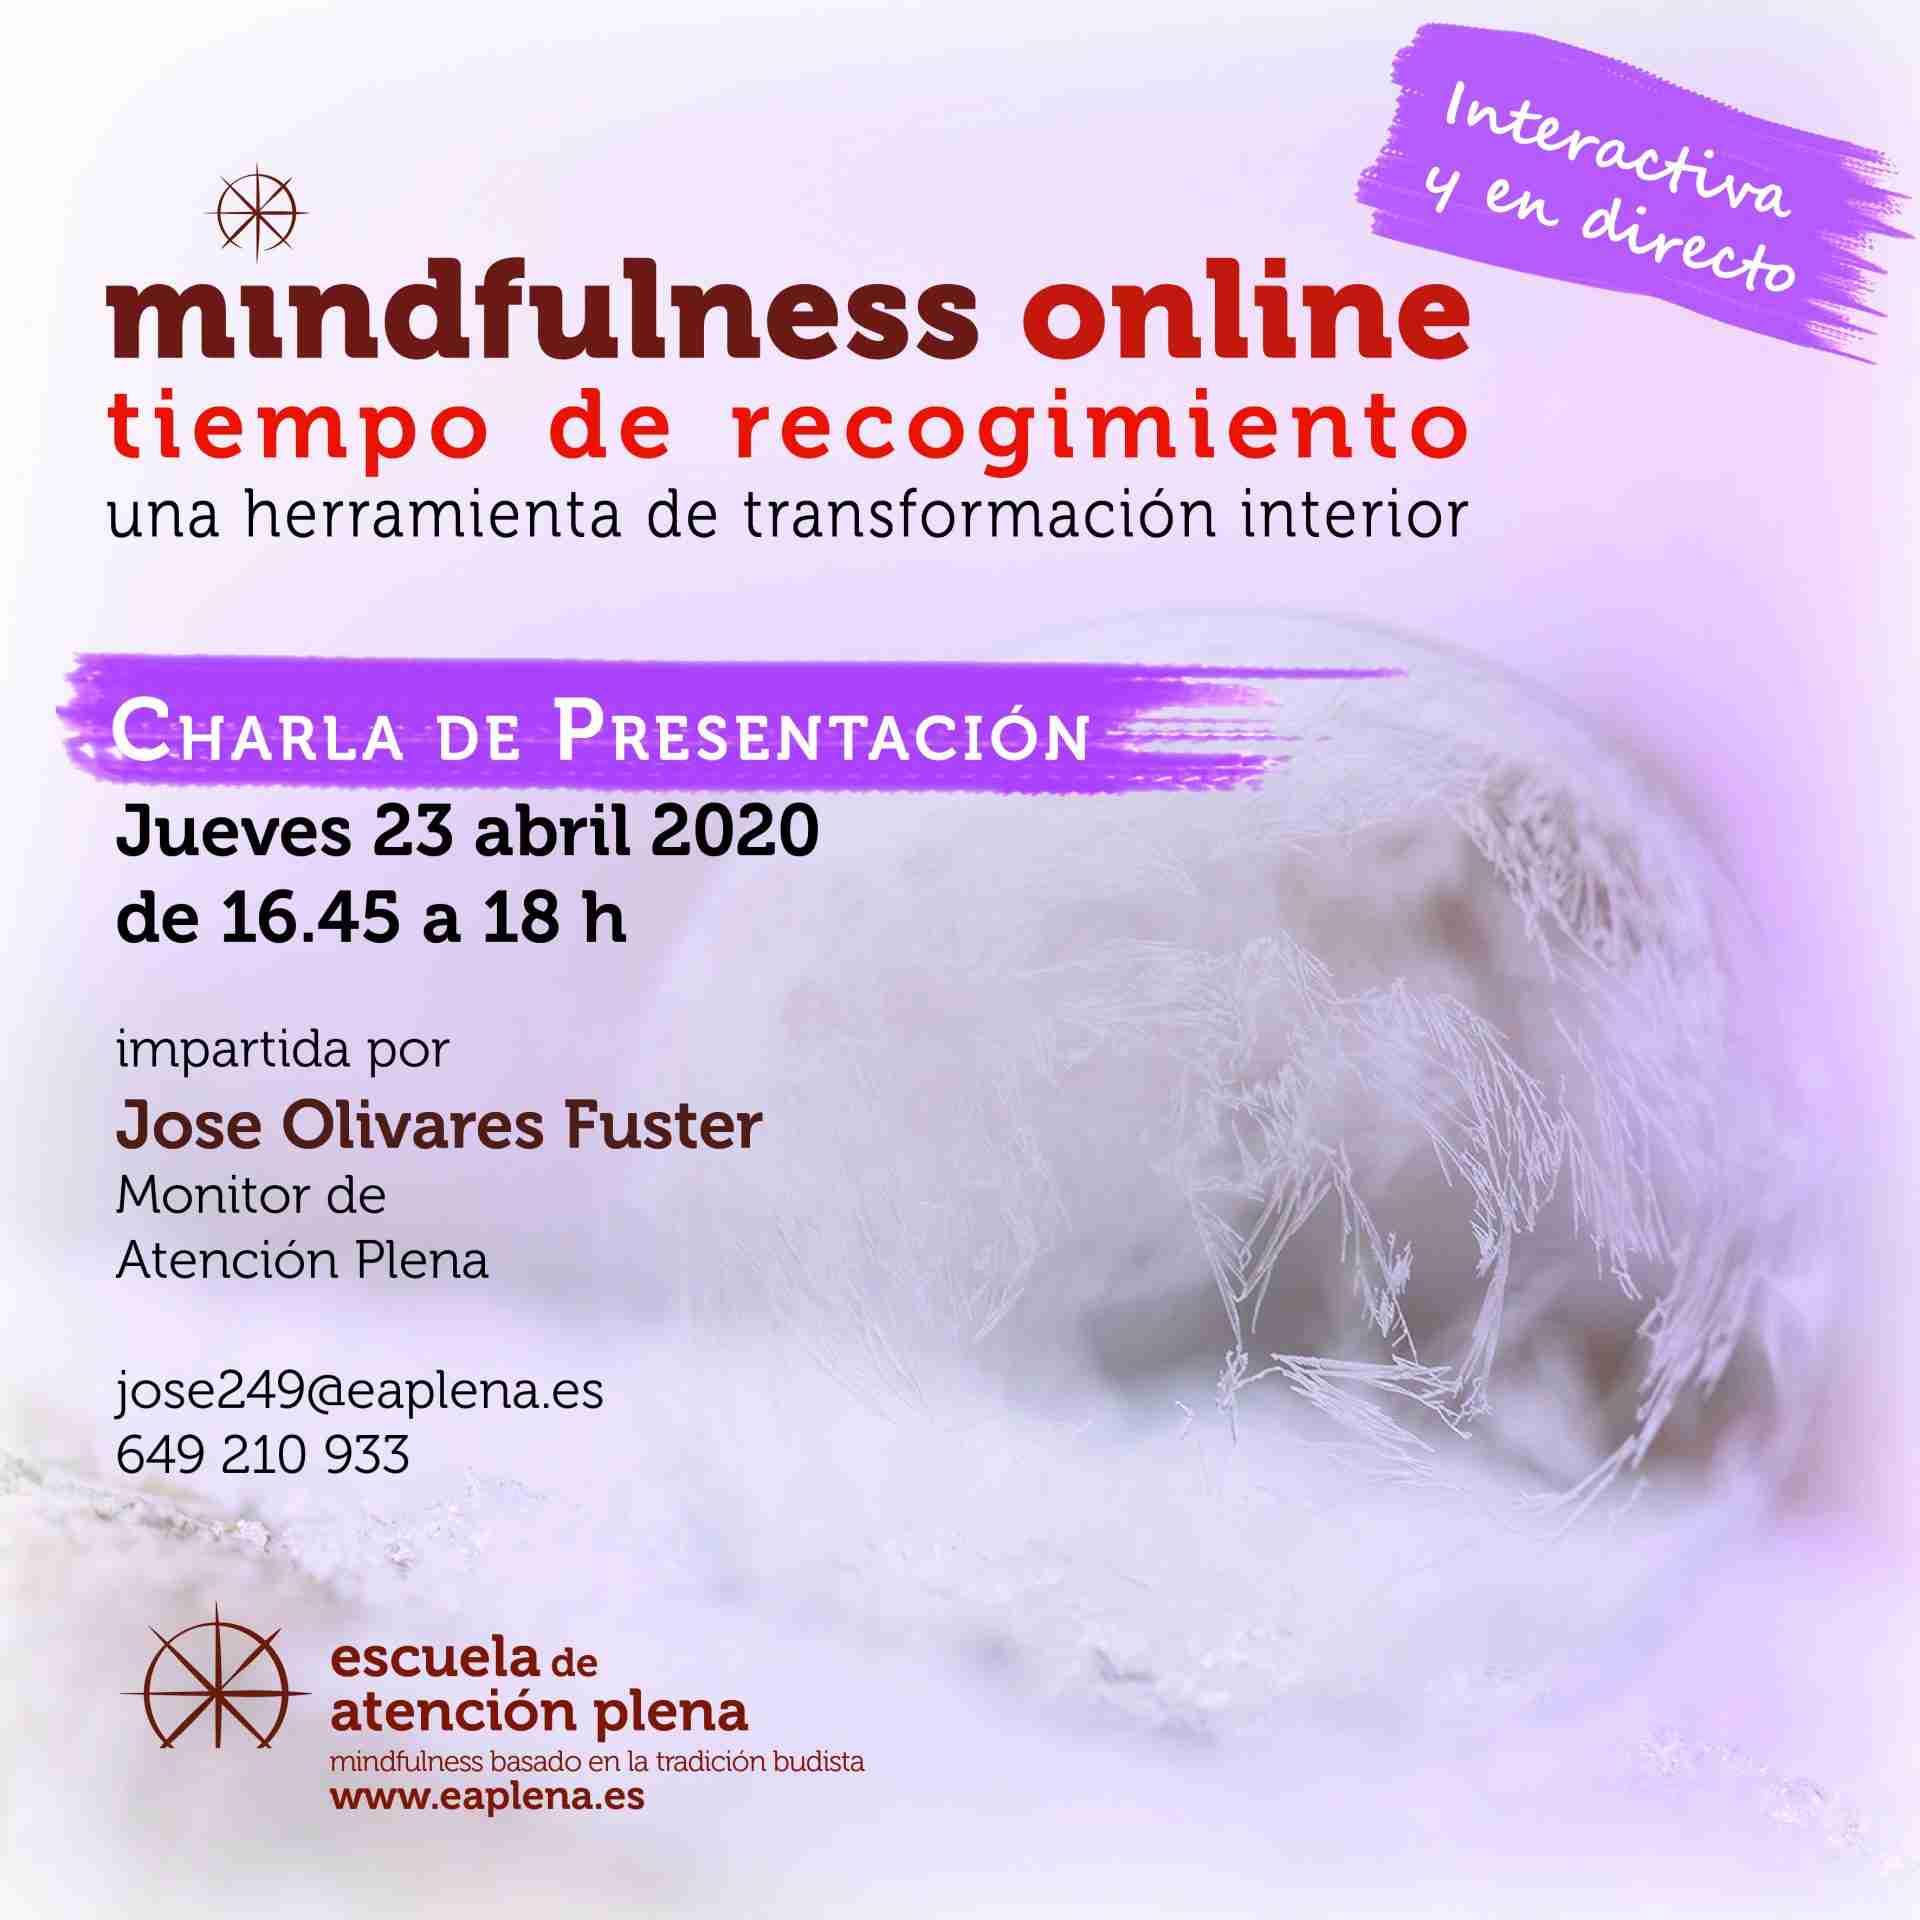 Charla de presentación ONLINE 4 249 Olivares Fuster Jose 23-04-2020